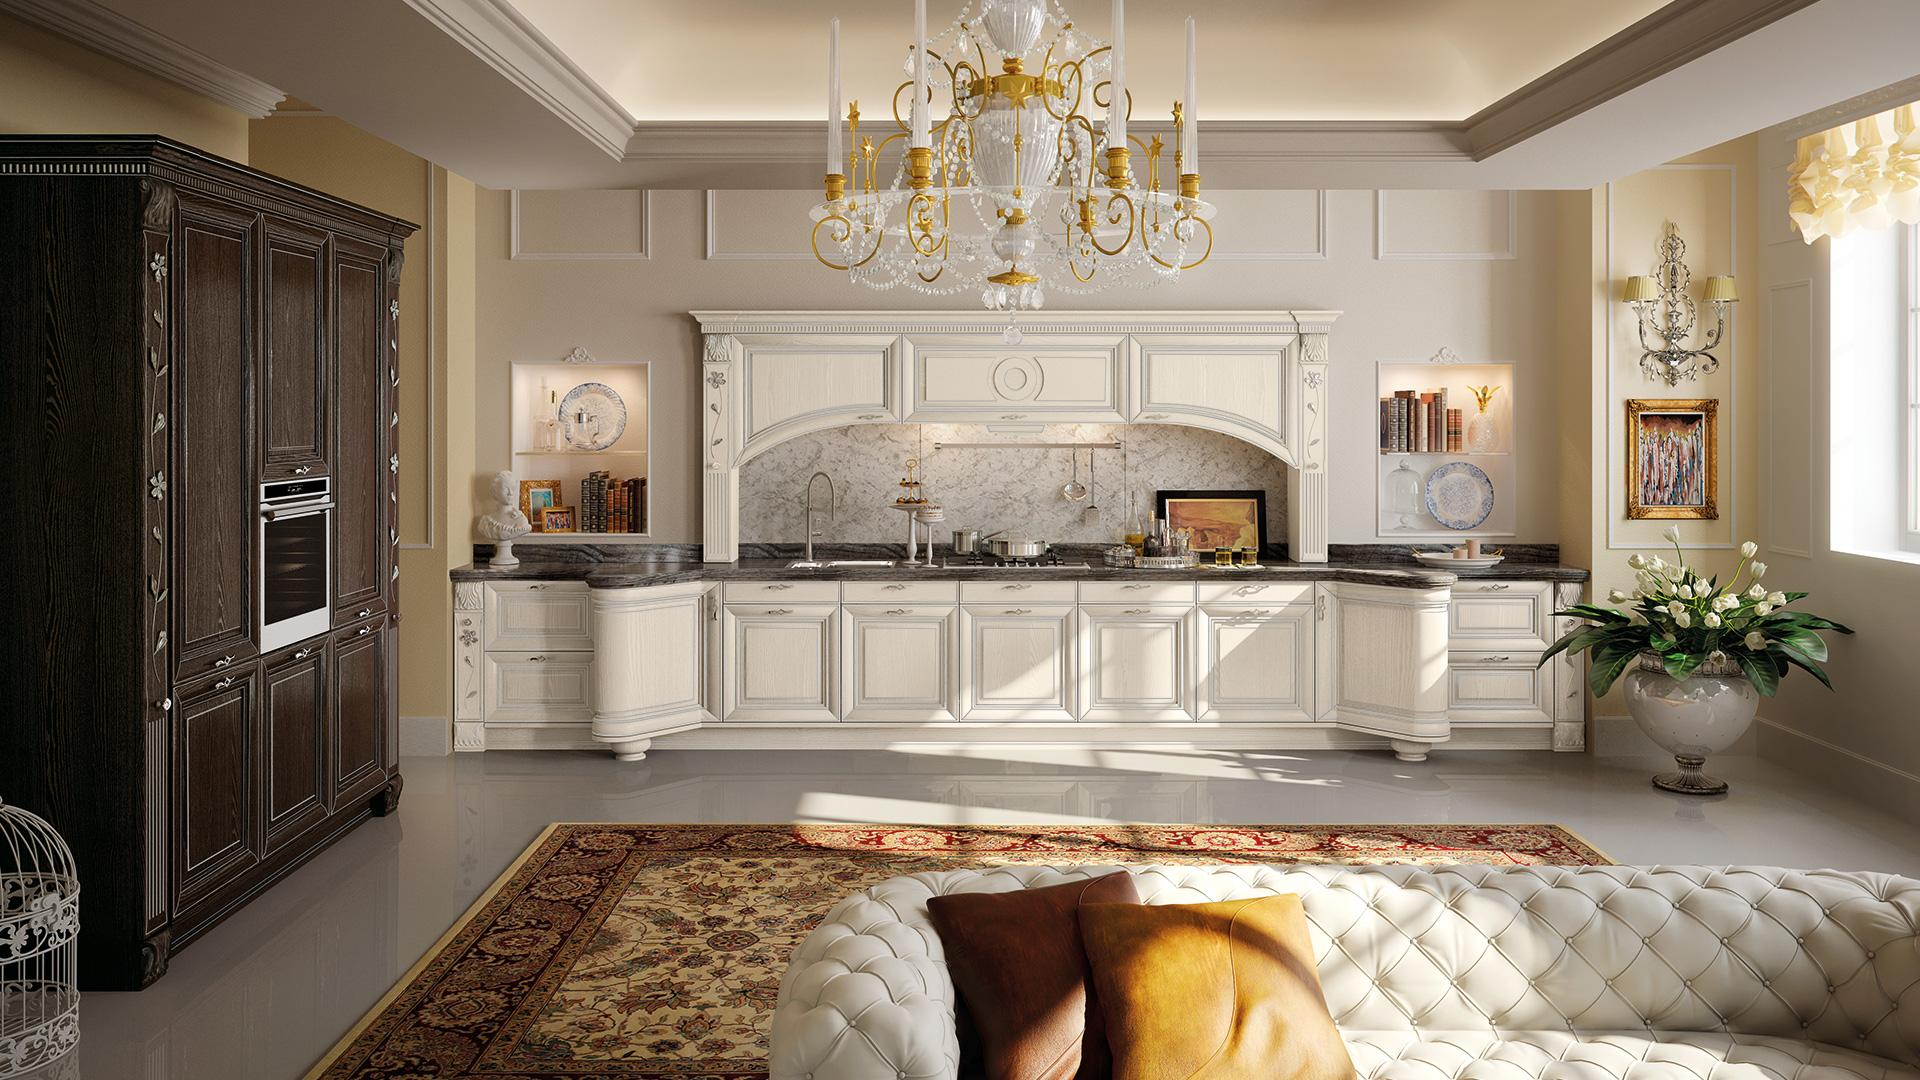 207740-pantheon - Lube e Creo Store Corsico - Vendita Cucine Lube e Creo